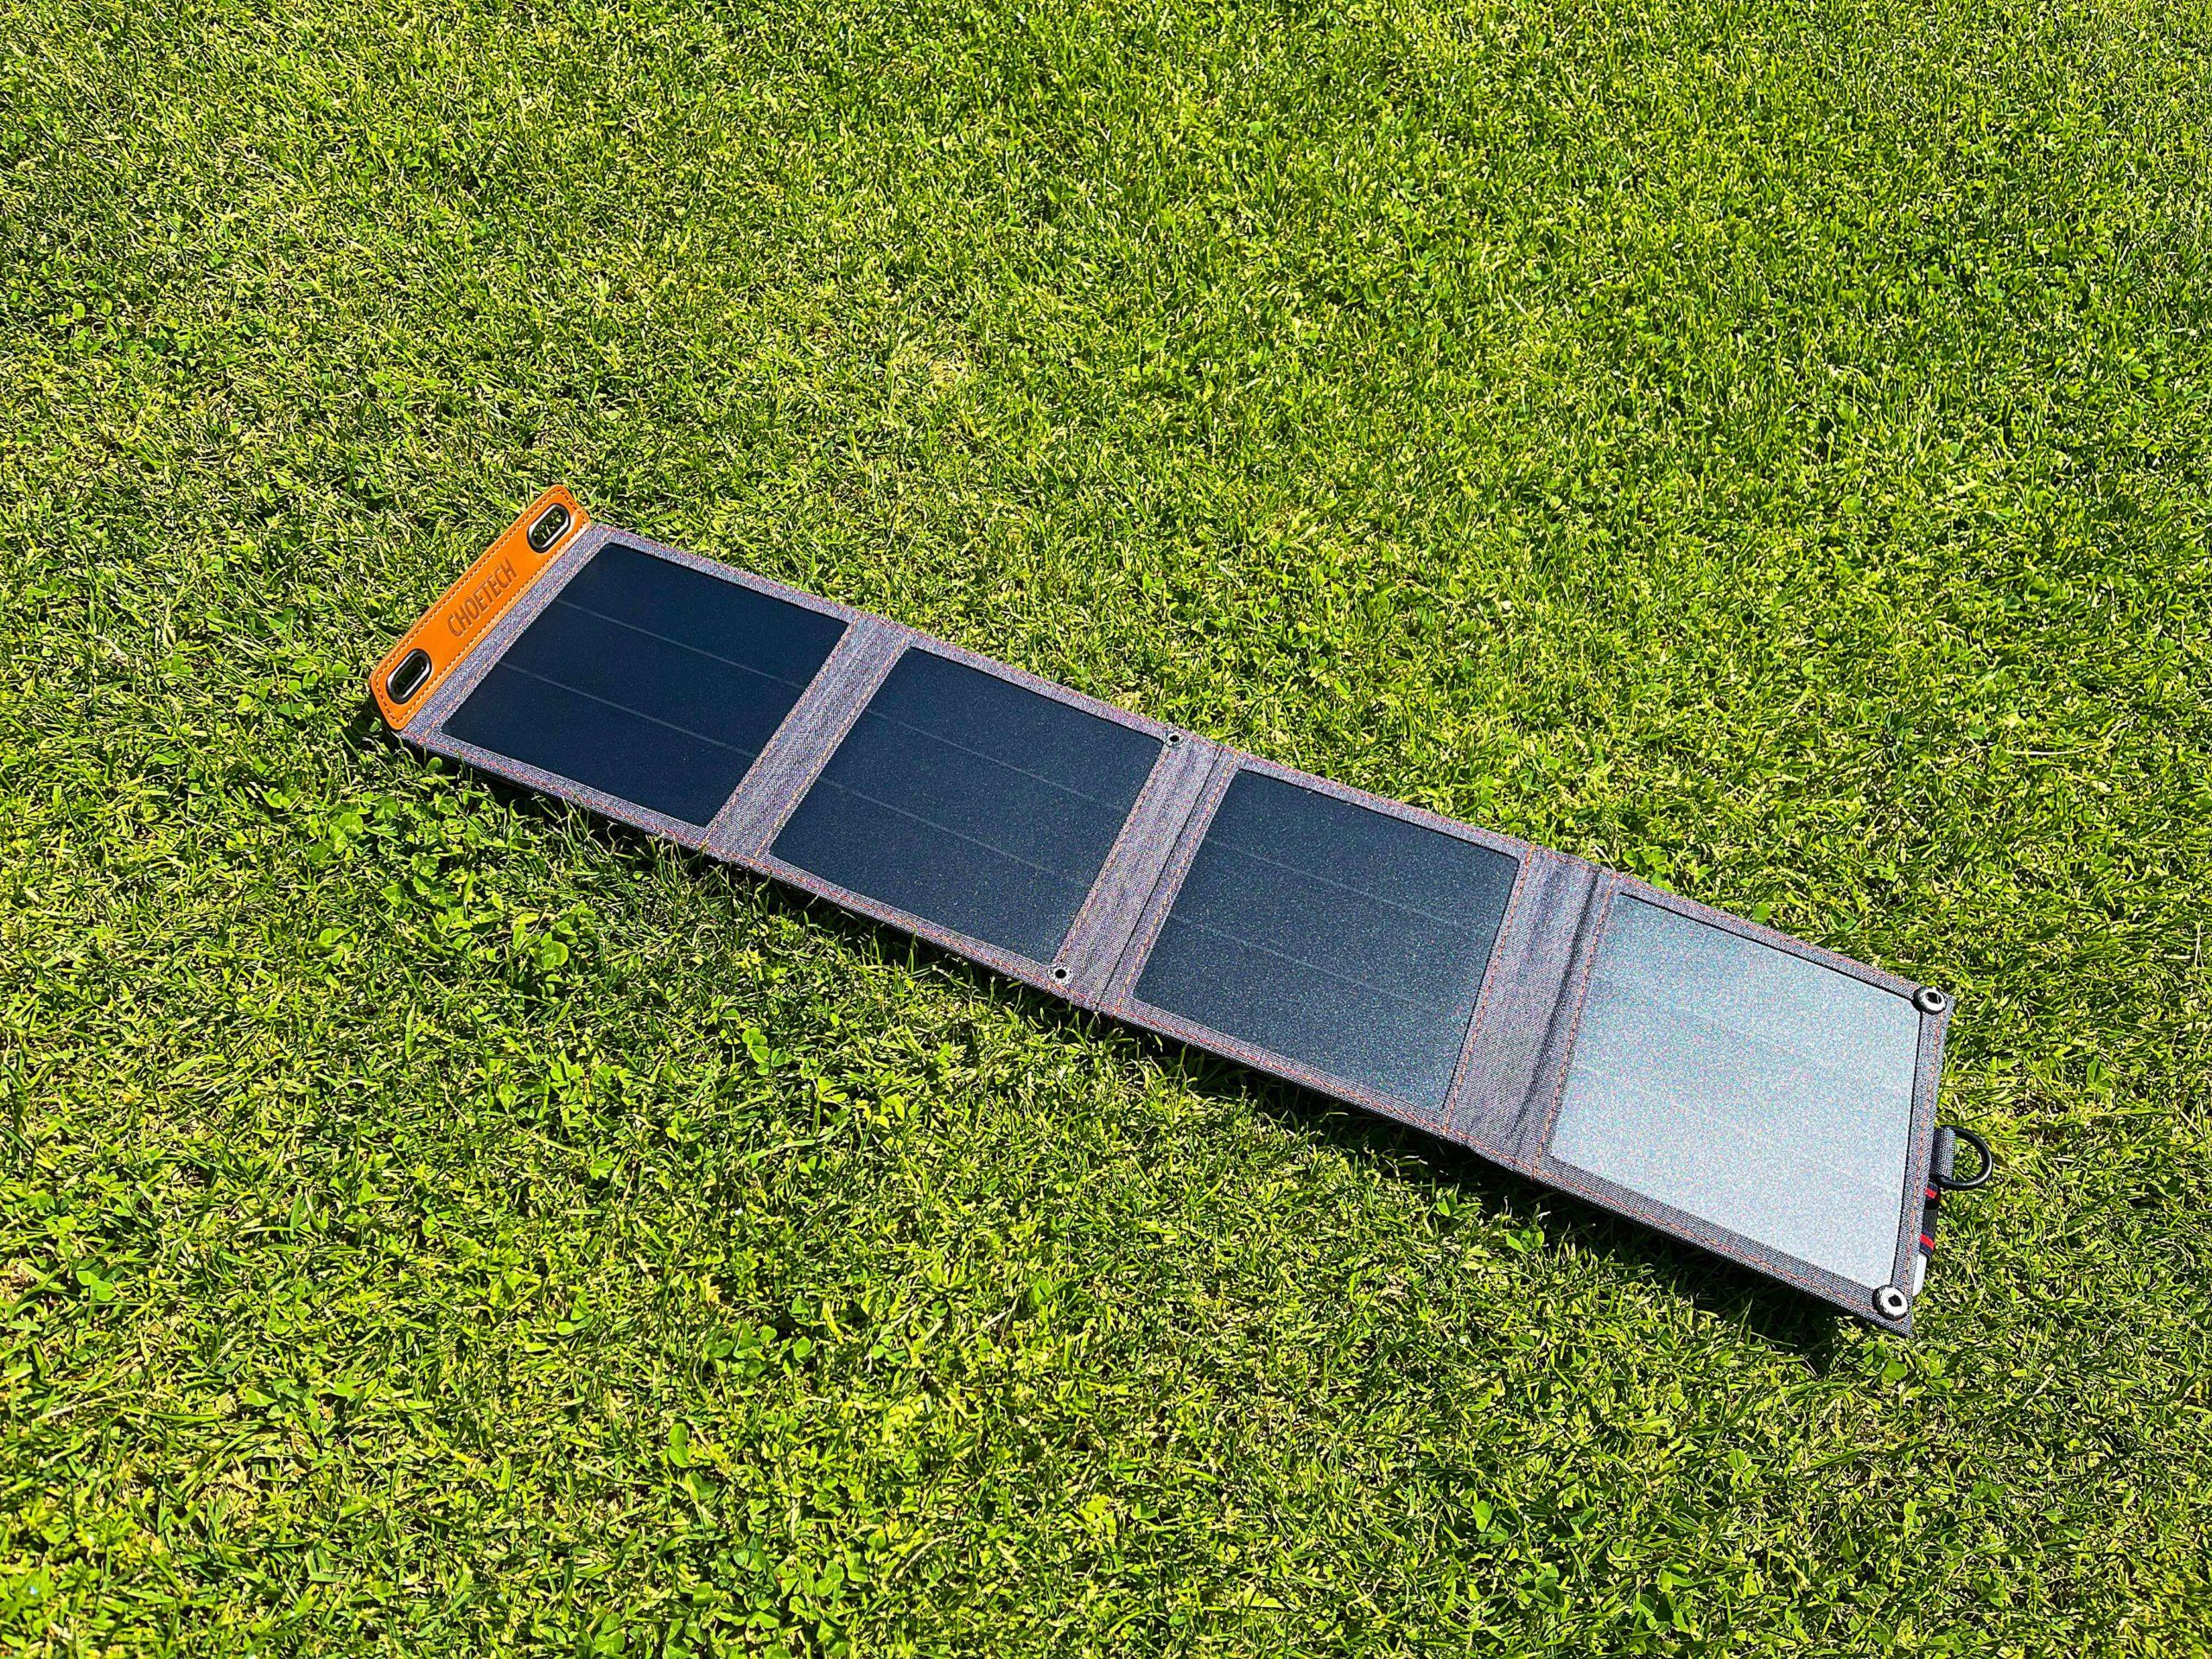 14-Watt-Solarladegeraet-von-Choetech-mit-der-Kraft-der-Sonne-aufladen2-scaled 14 Watt Solarladegerät von Choetech - mit der Kraft der Sonne aufladen